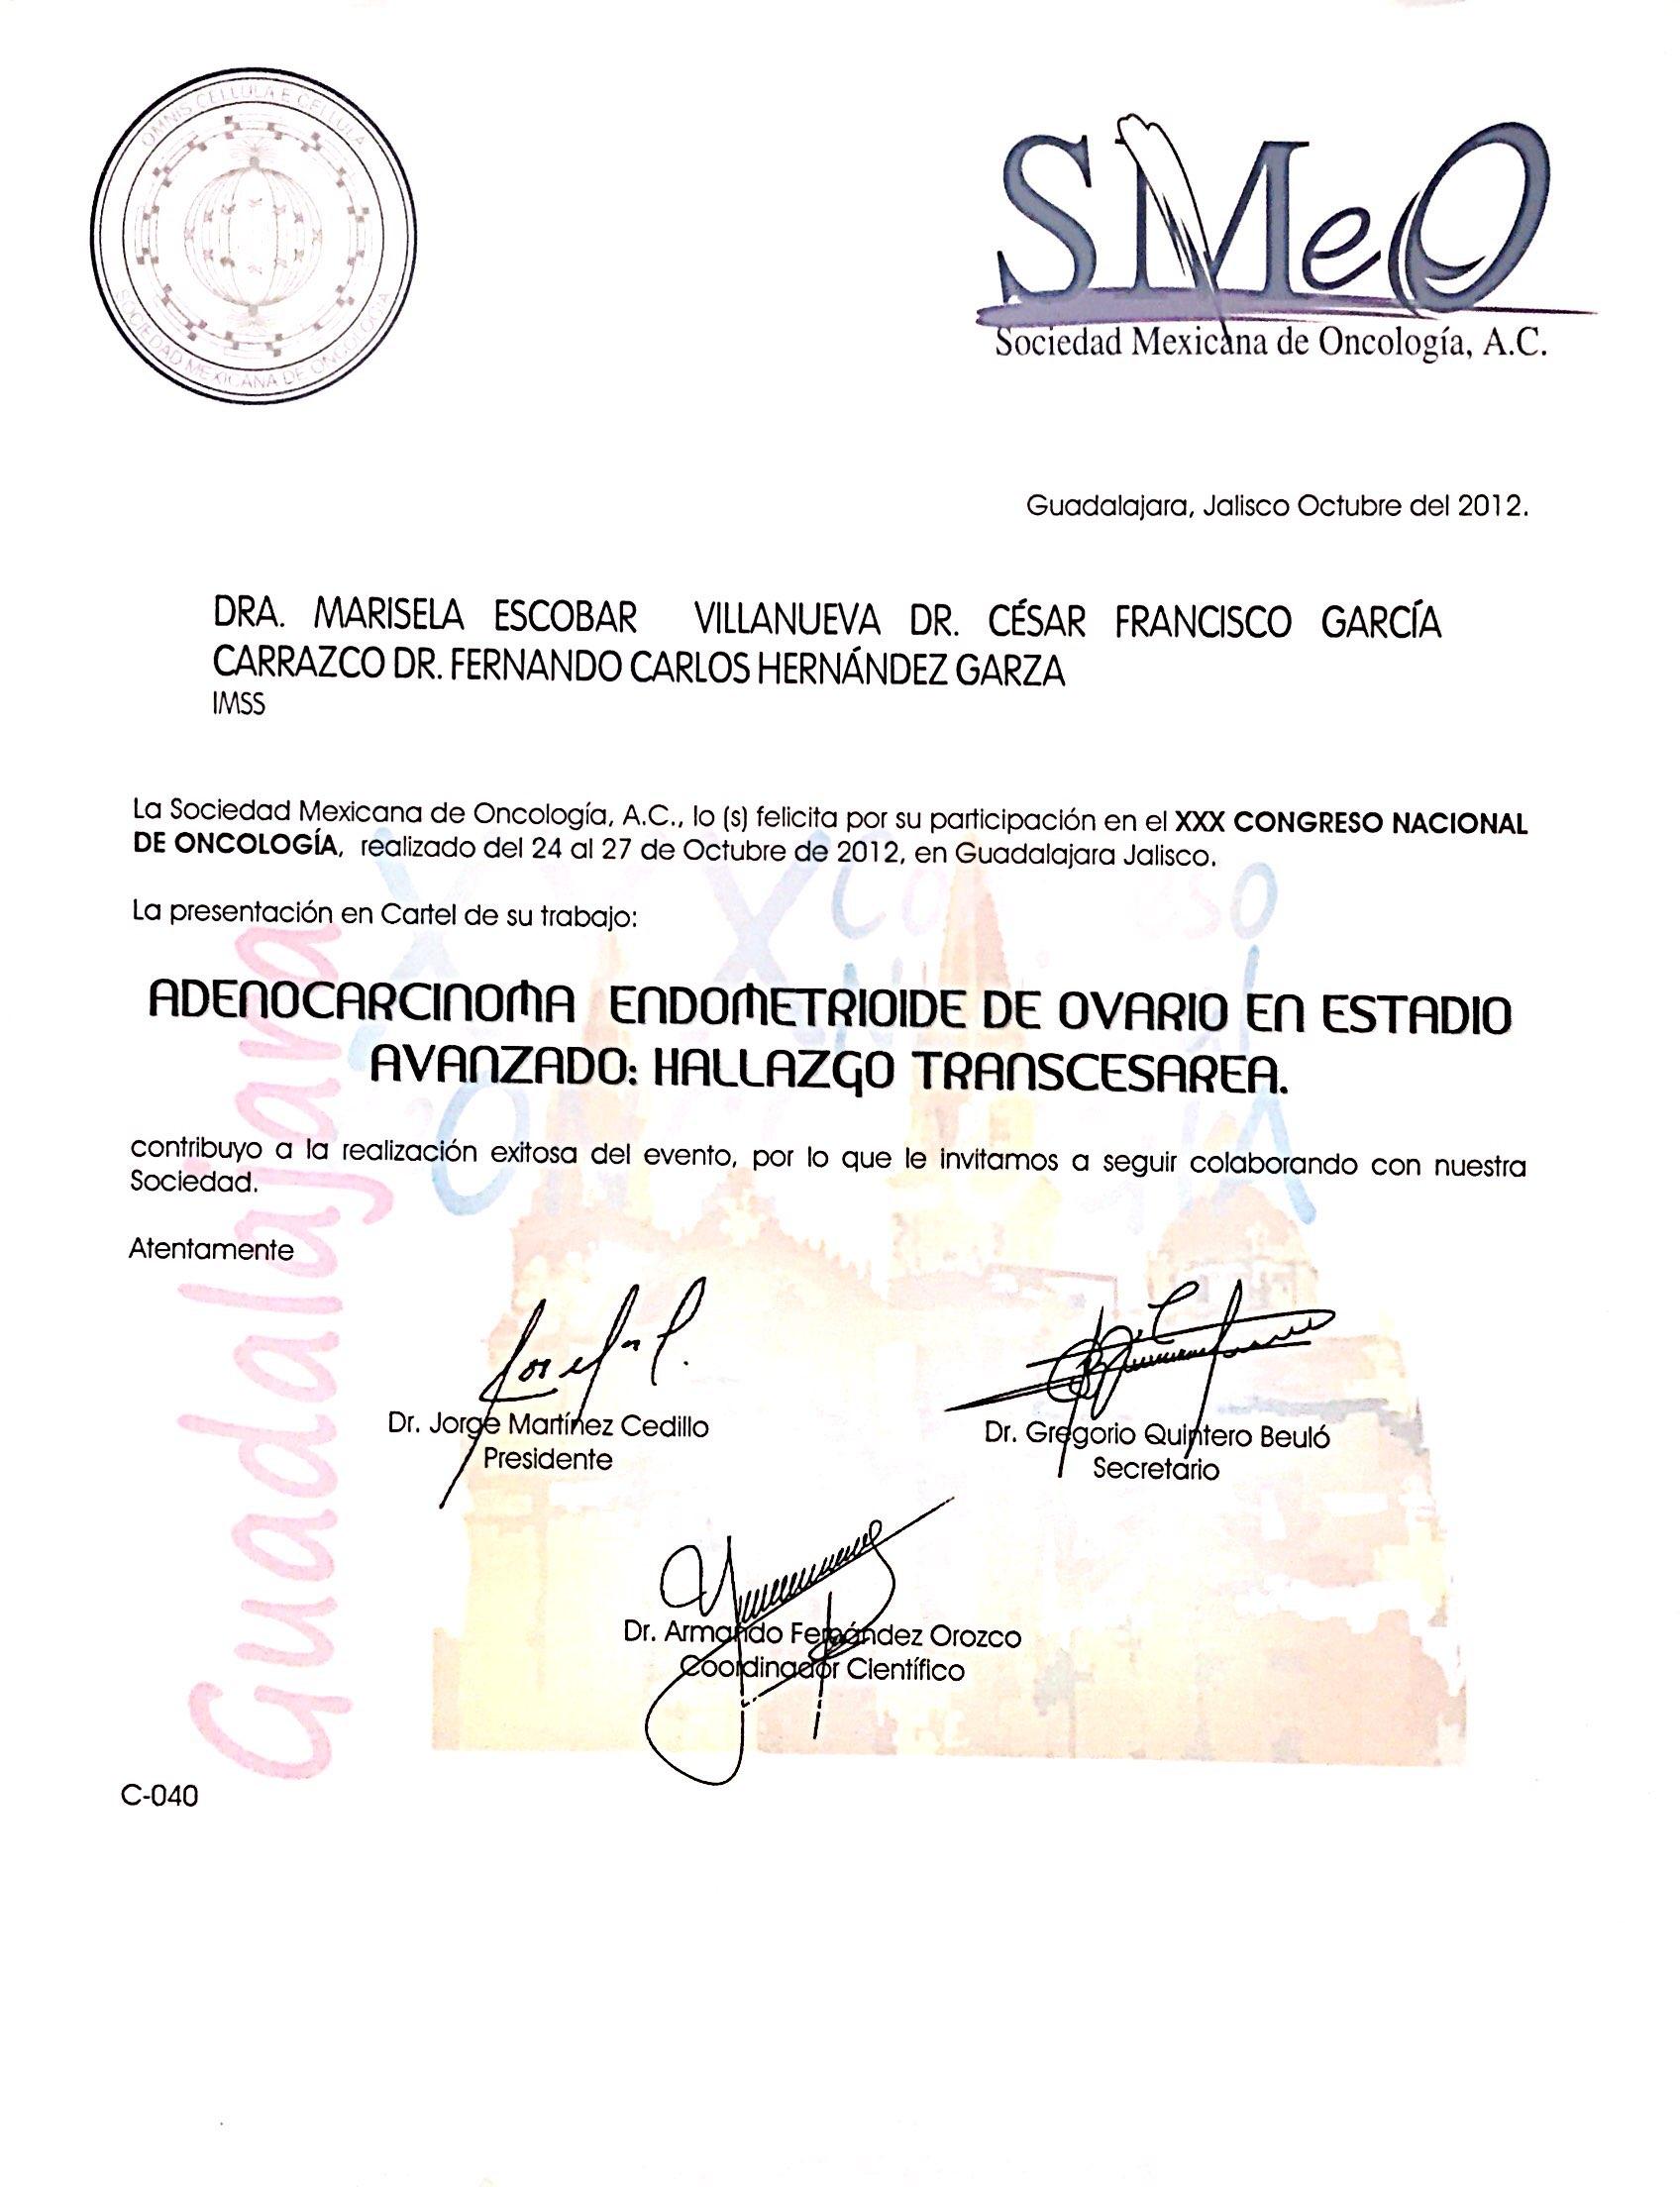 Dr. Garcia Carrazco_6